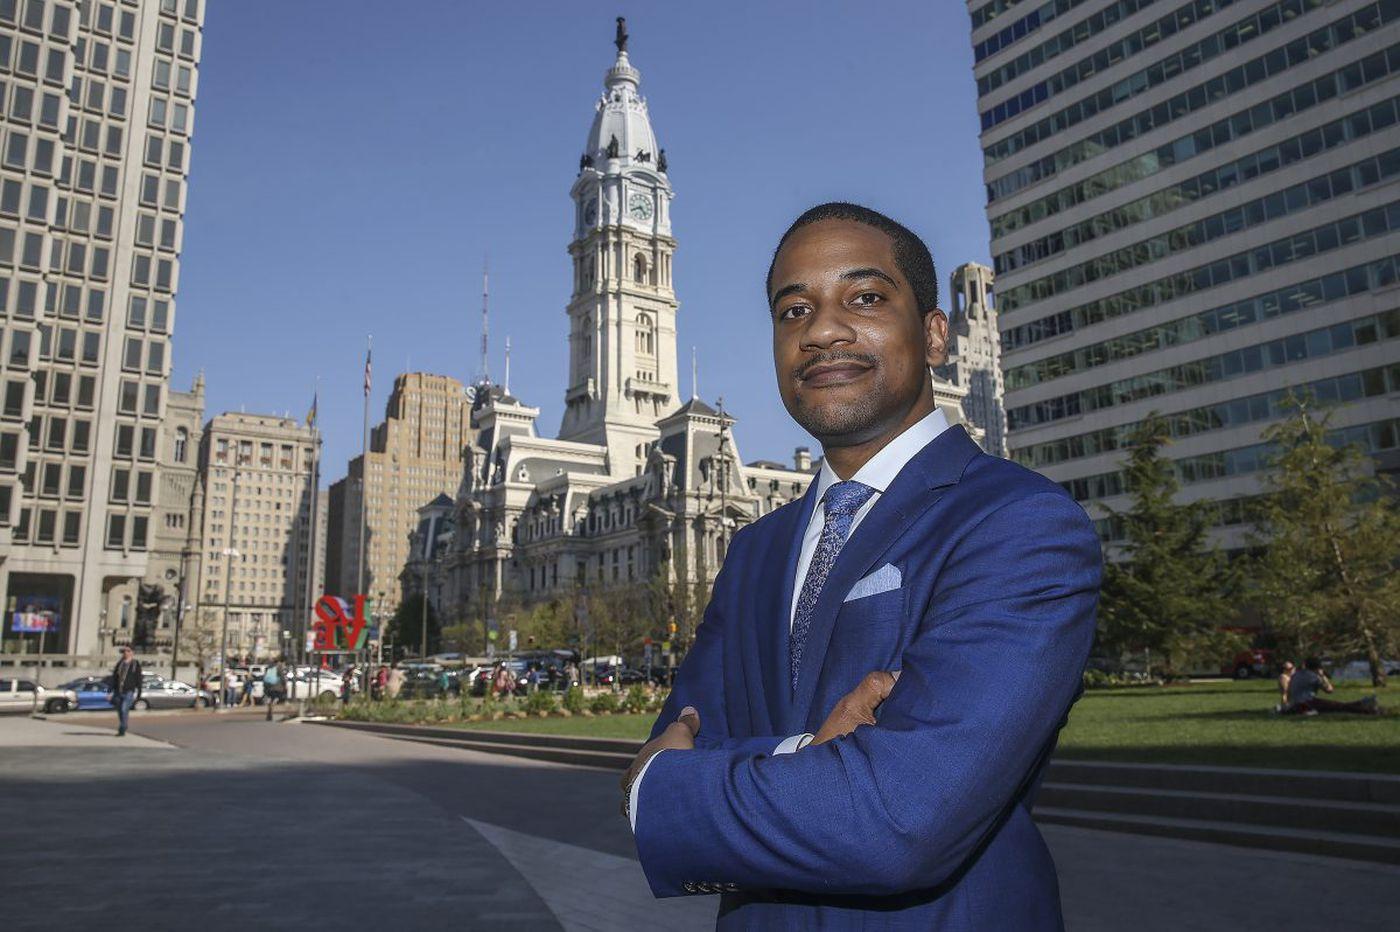 Philadelphia's top attorney, Marcel Pratt, returns to Ballard Spahr as managing partner